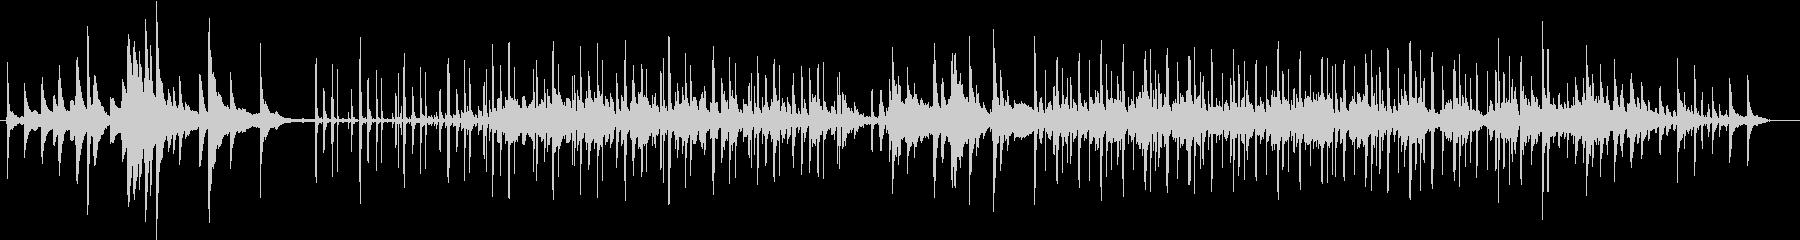 幻想的、ピアノとチェロBGM(ループ)の未再生の波形